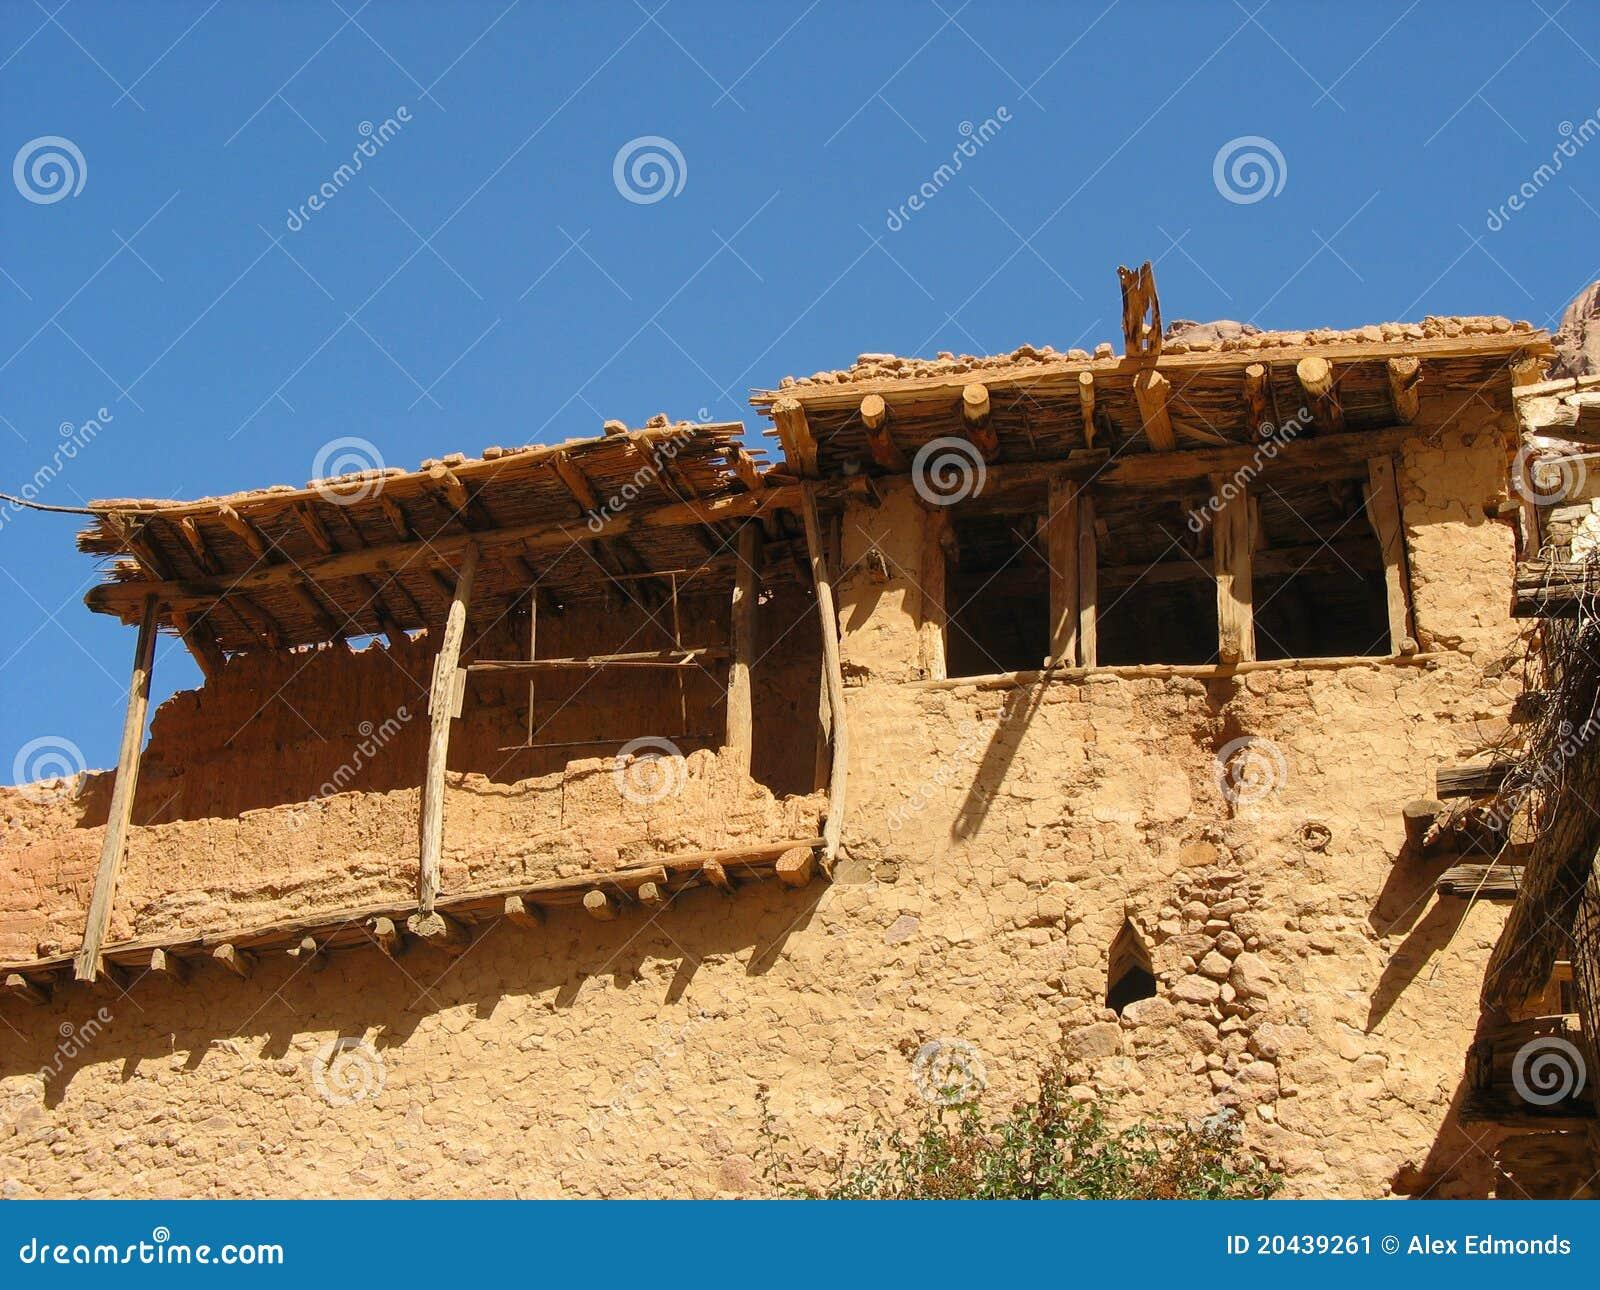 Oud egyptisch huis stock afbeelding afbeelding bestaande uit hout 20439261 - Verlenging hout oud huis ...